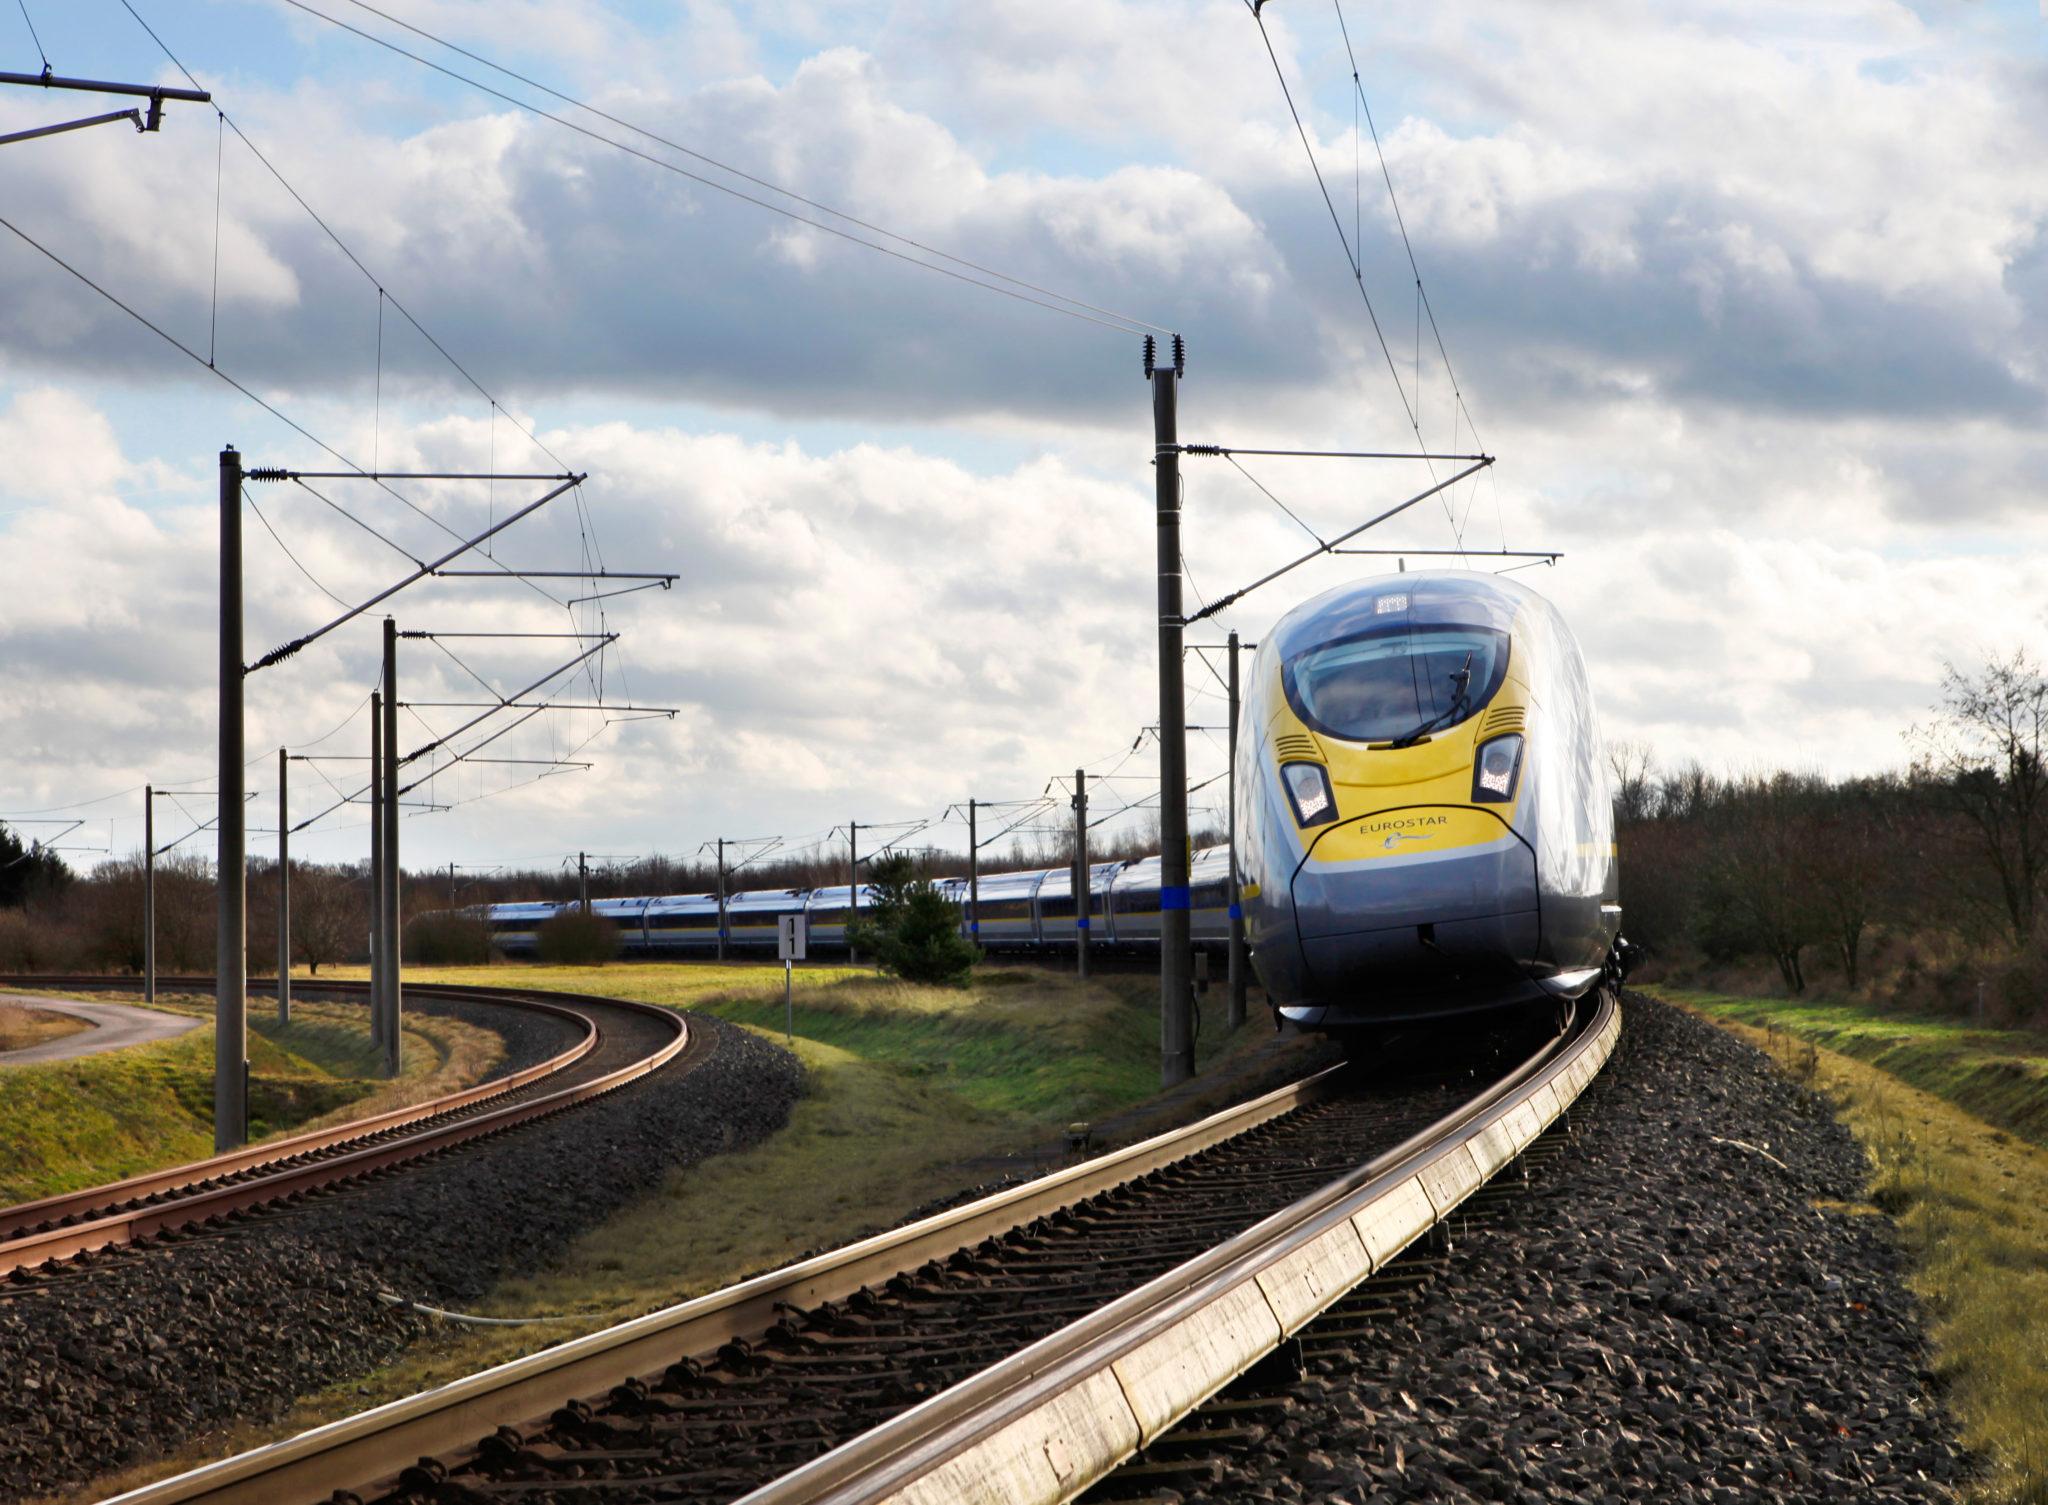 Eurostar Siemens Velaro e320 high-speed train